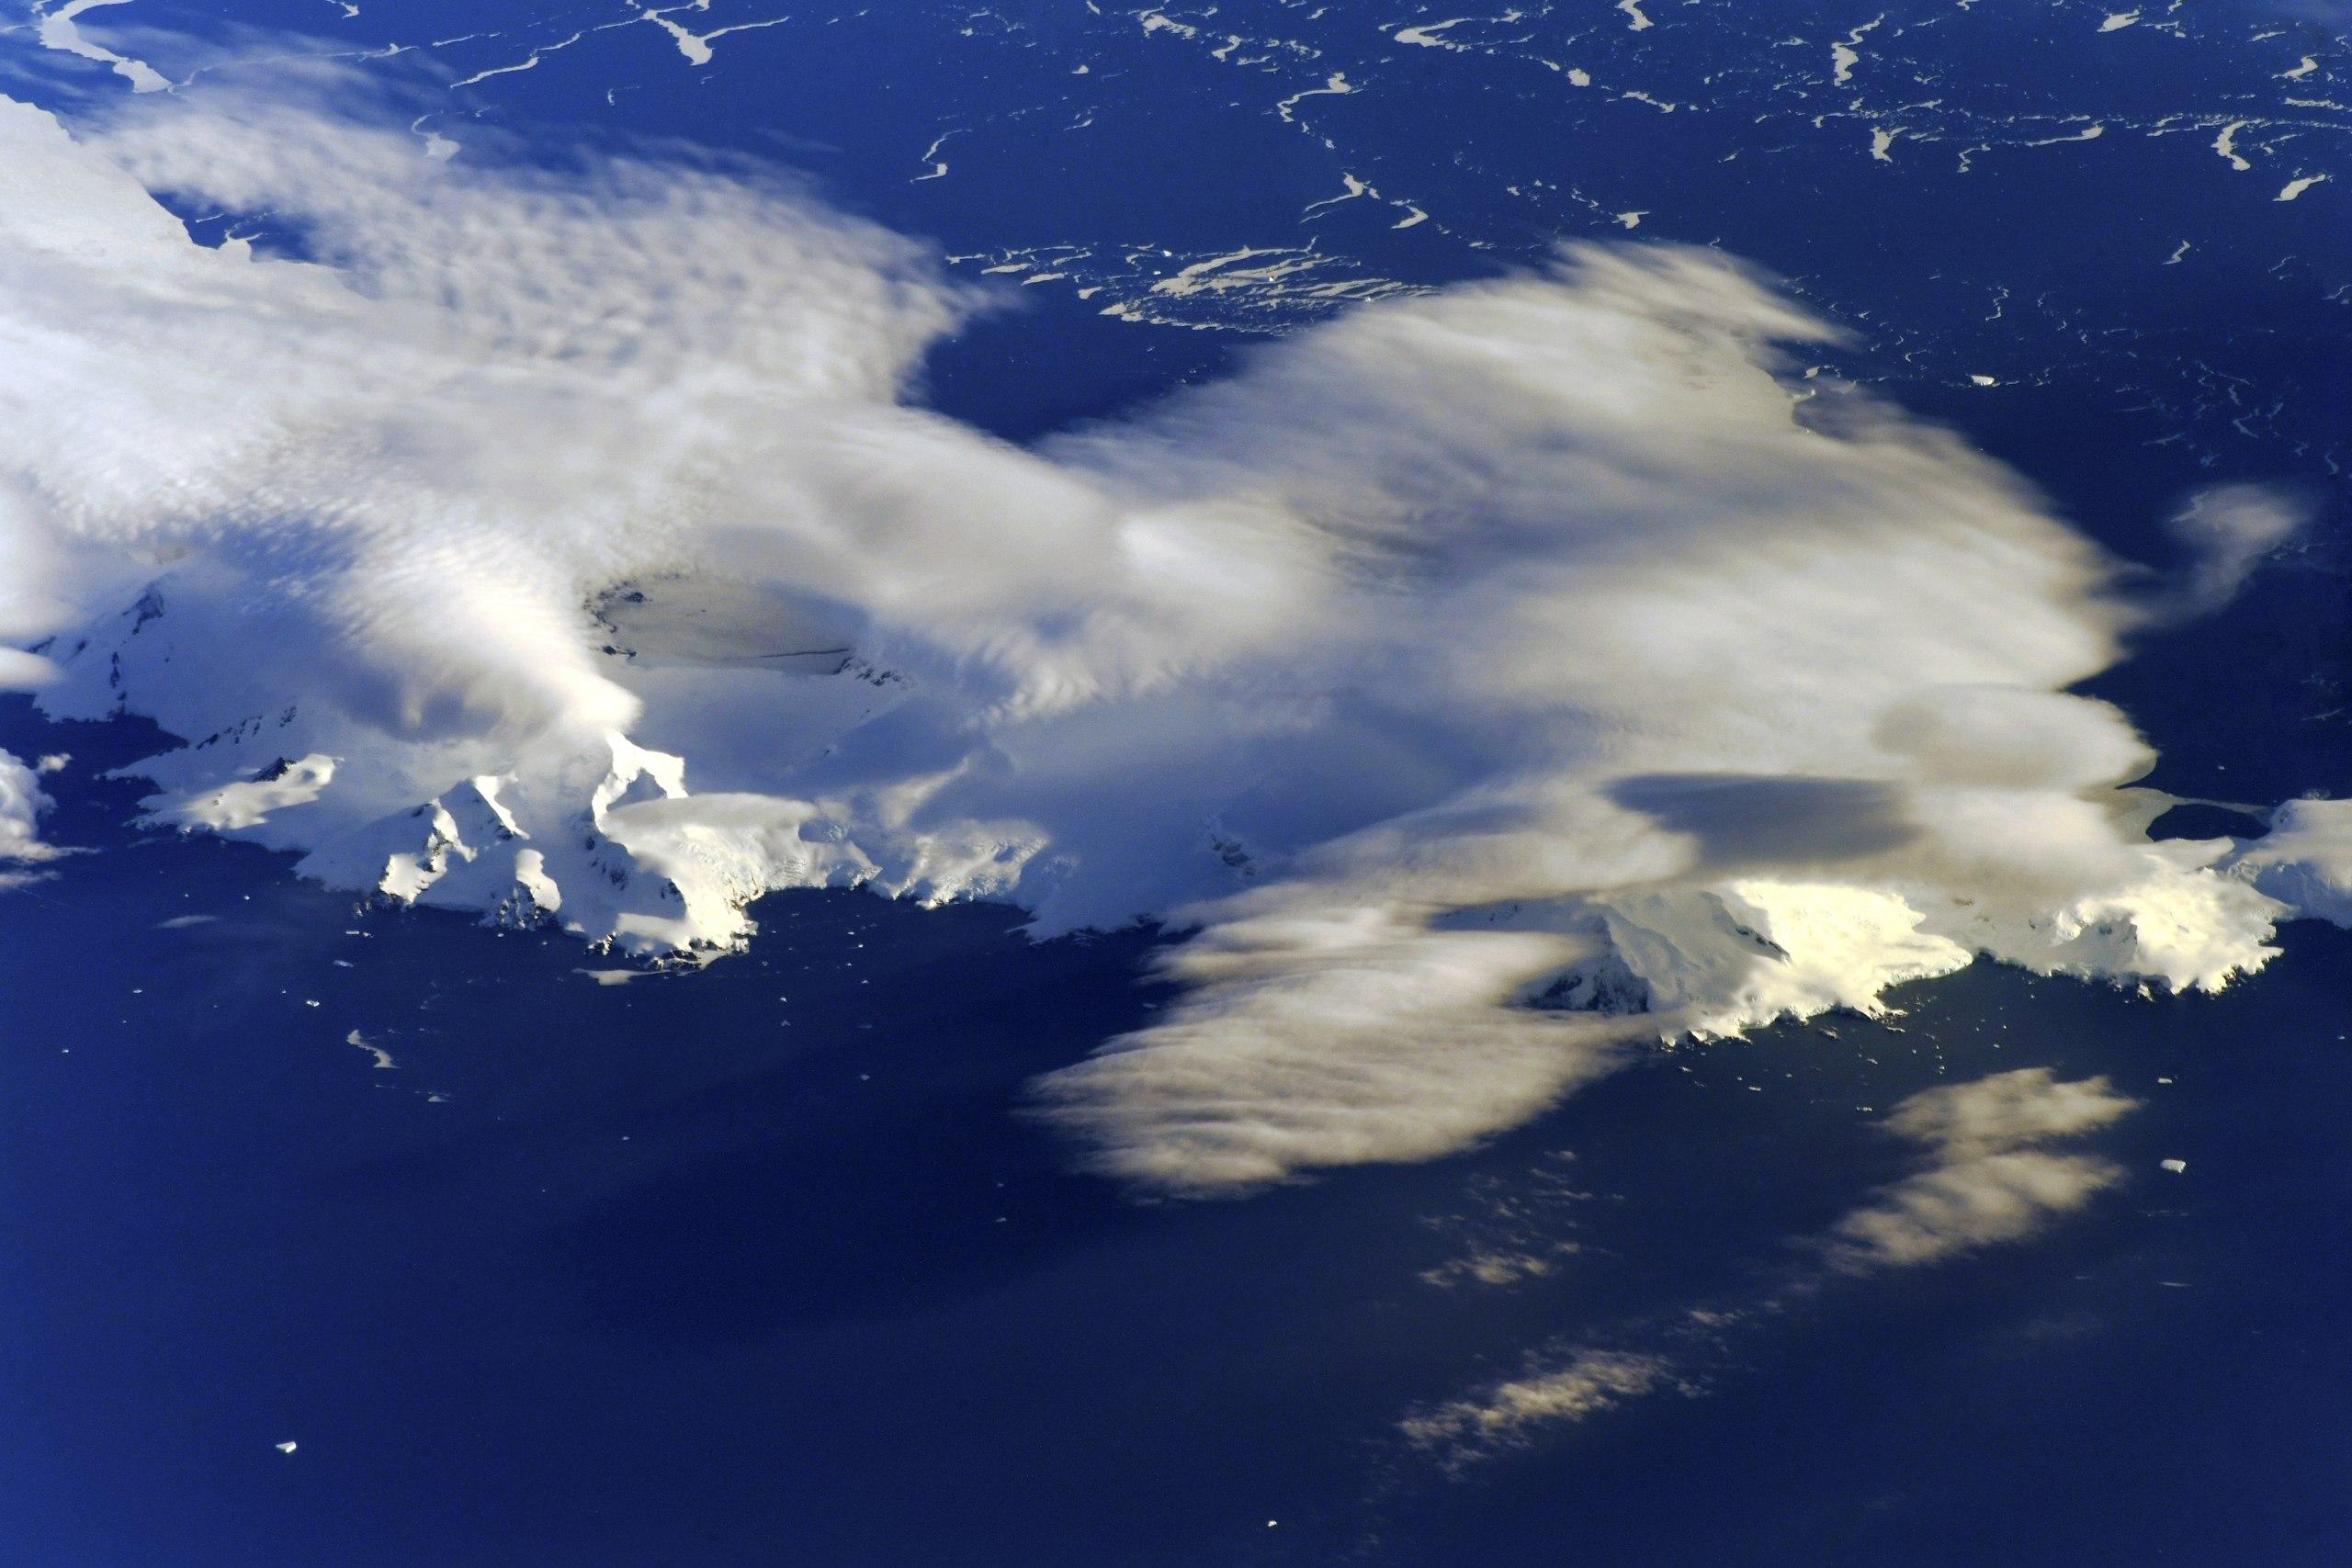 экологичный облака вокруг земли картинки да, эти